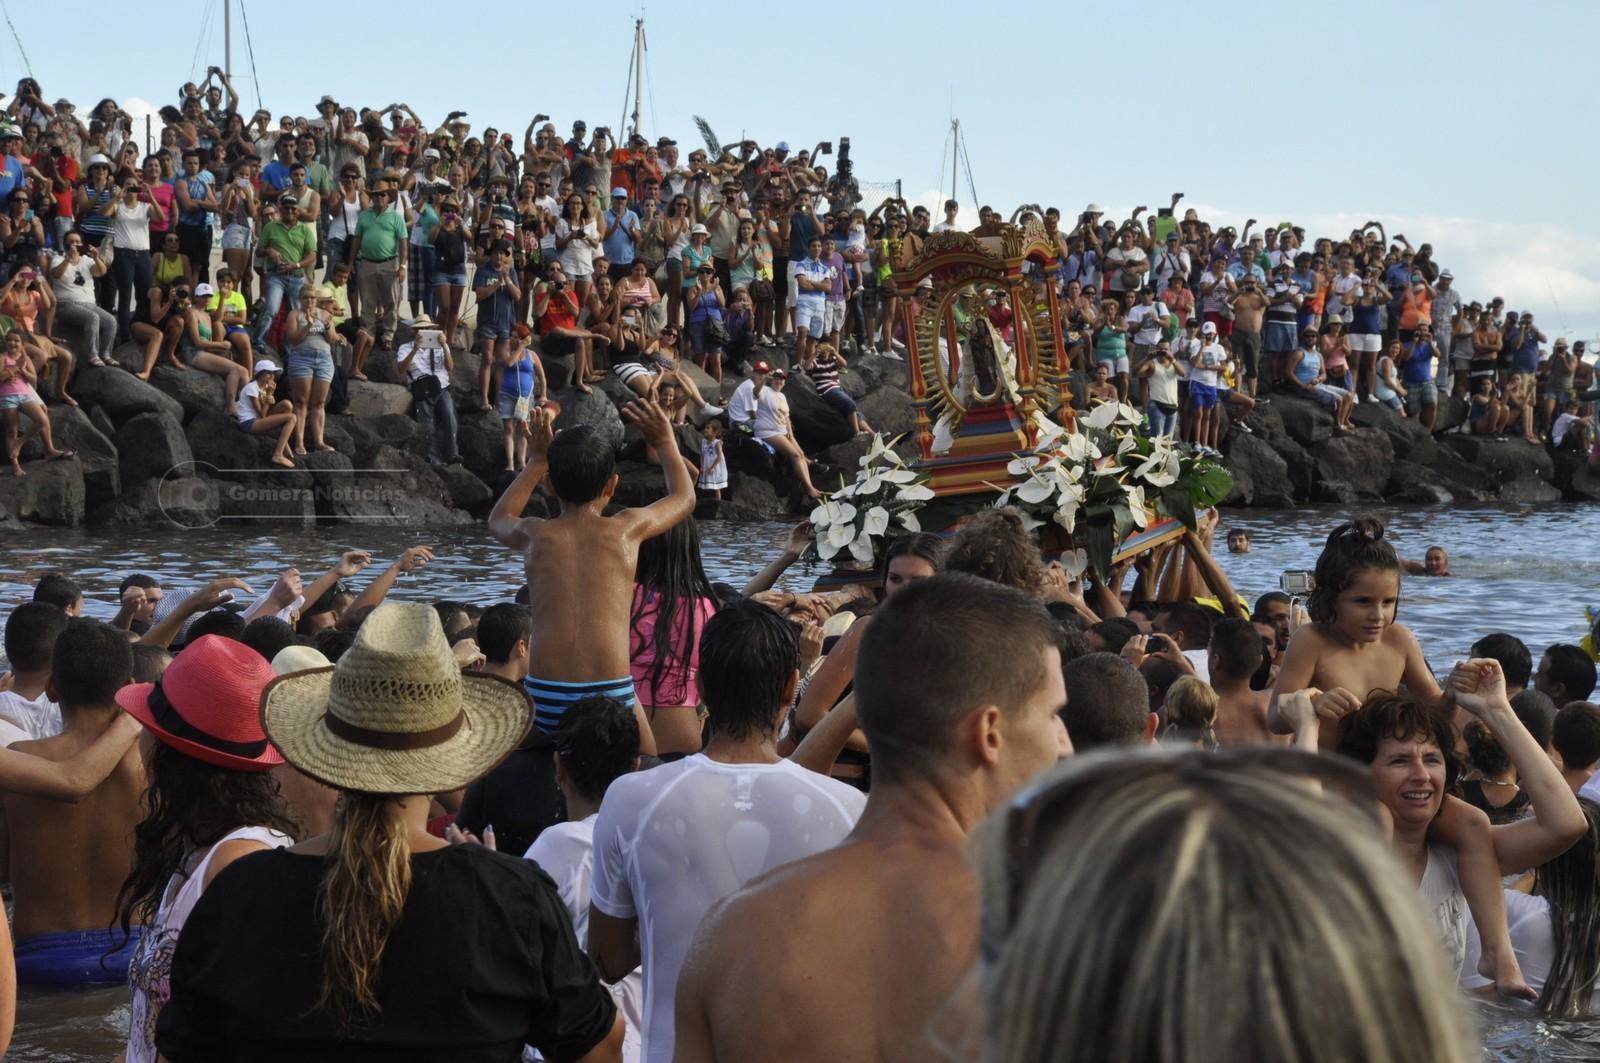 El Hallazgo Milagroso de la Virgen de Guadalupe de Islas Canarias, España (12 oct)